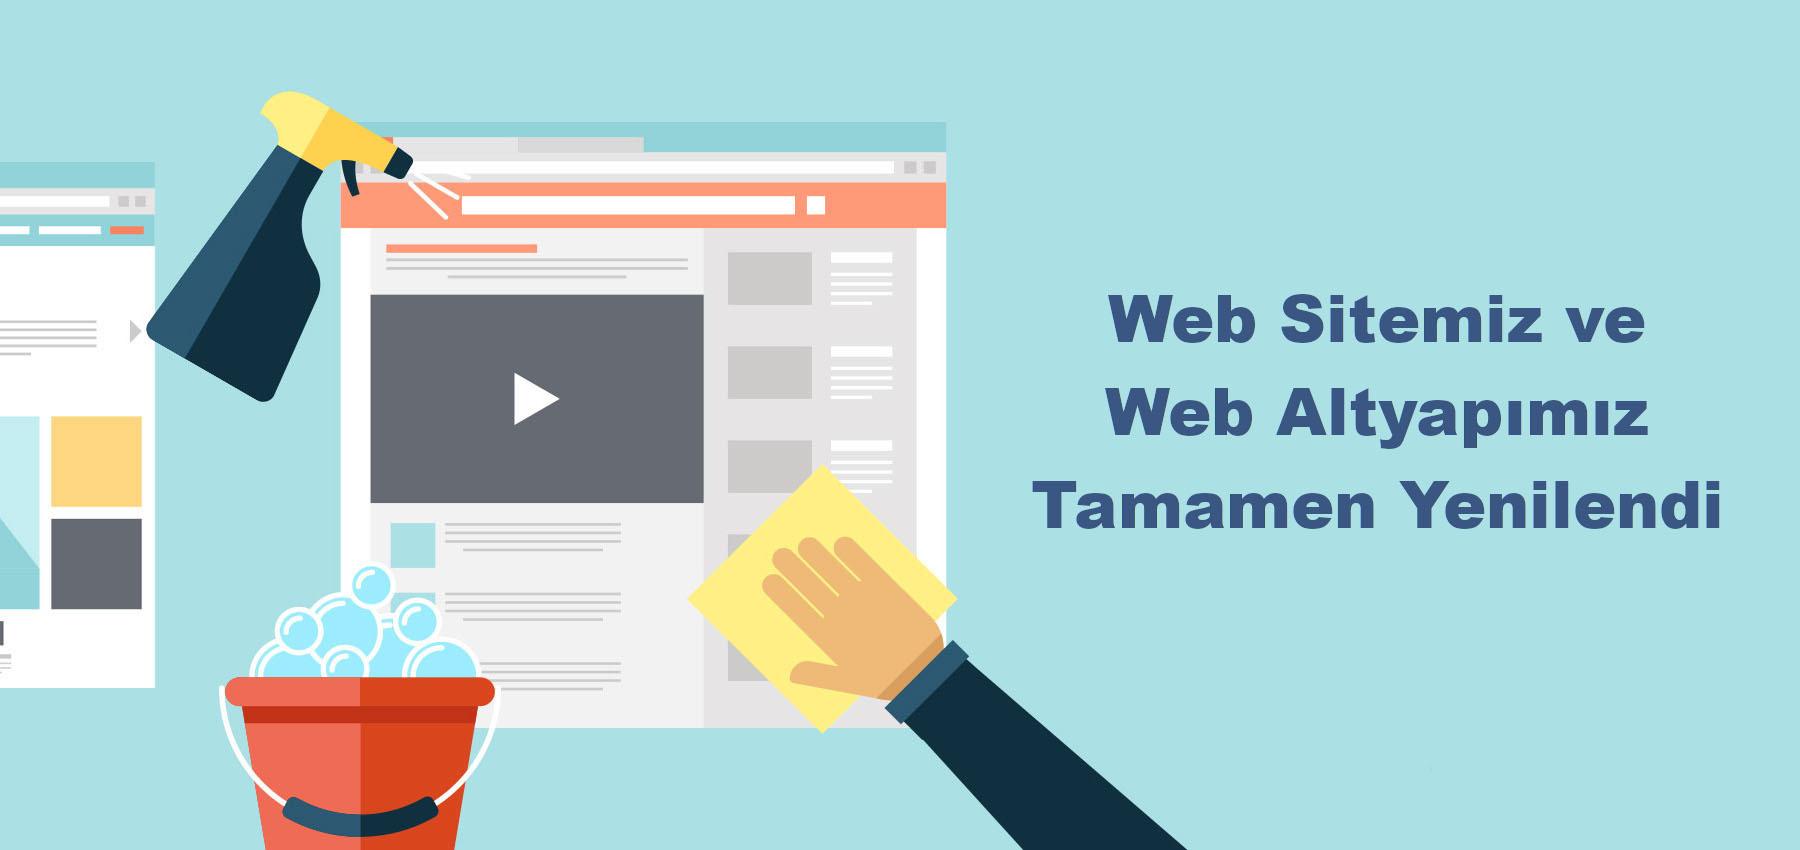 Web Sitemiz ve Web Altyapımız Tamamen Yenilendi